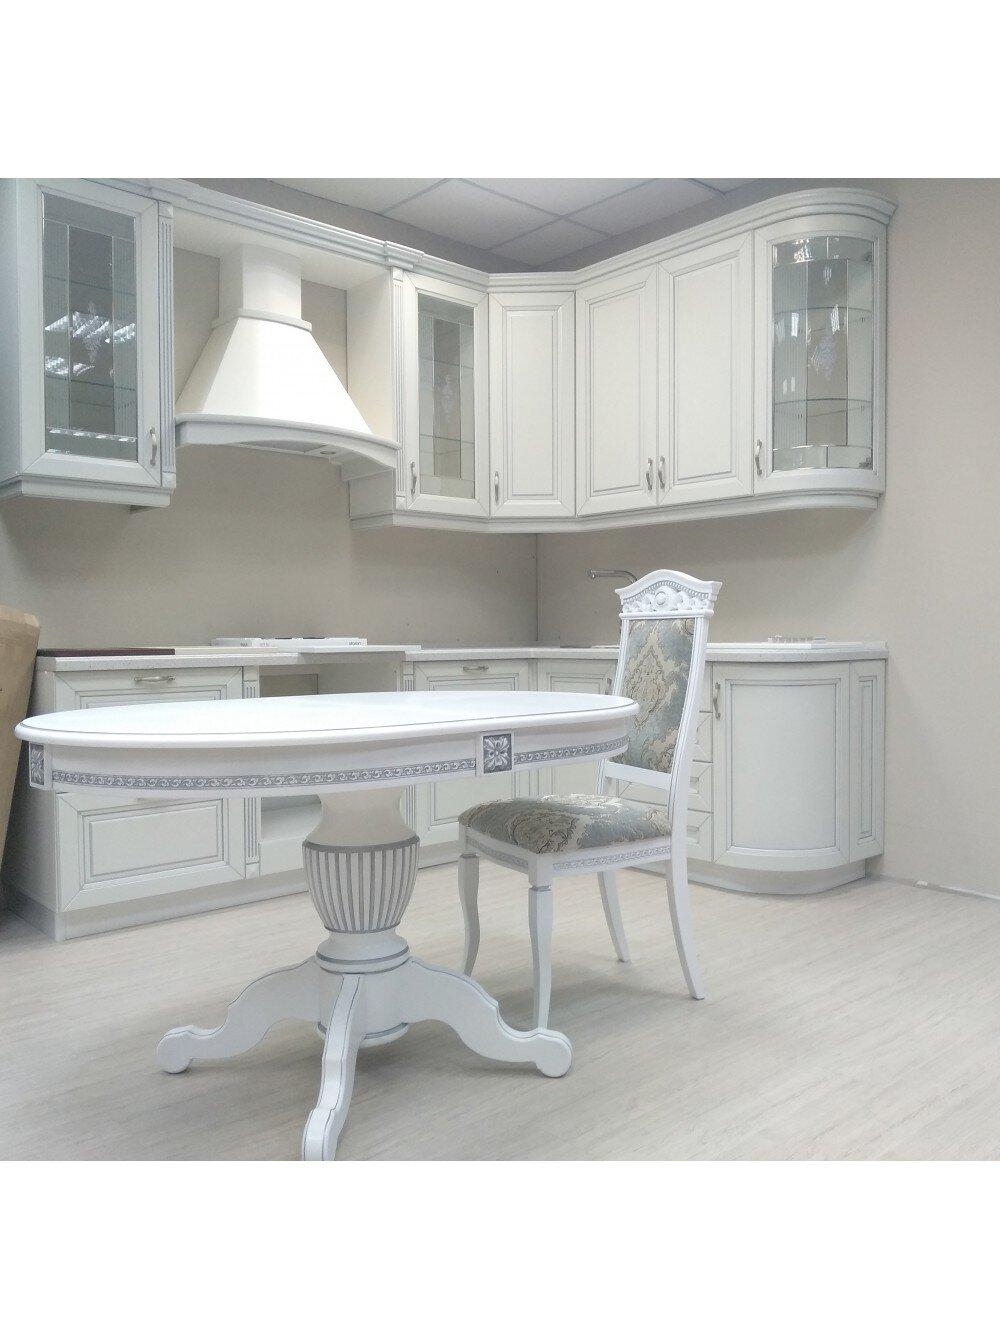 Овальный стол раздвижной из массива бука цвет: белый с серебряной патиной Размер 90*130 (+50 ) см. - фото pic_9c3642806a5e7c755501d8e3c404bd4e_1920x9000_1.jpg